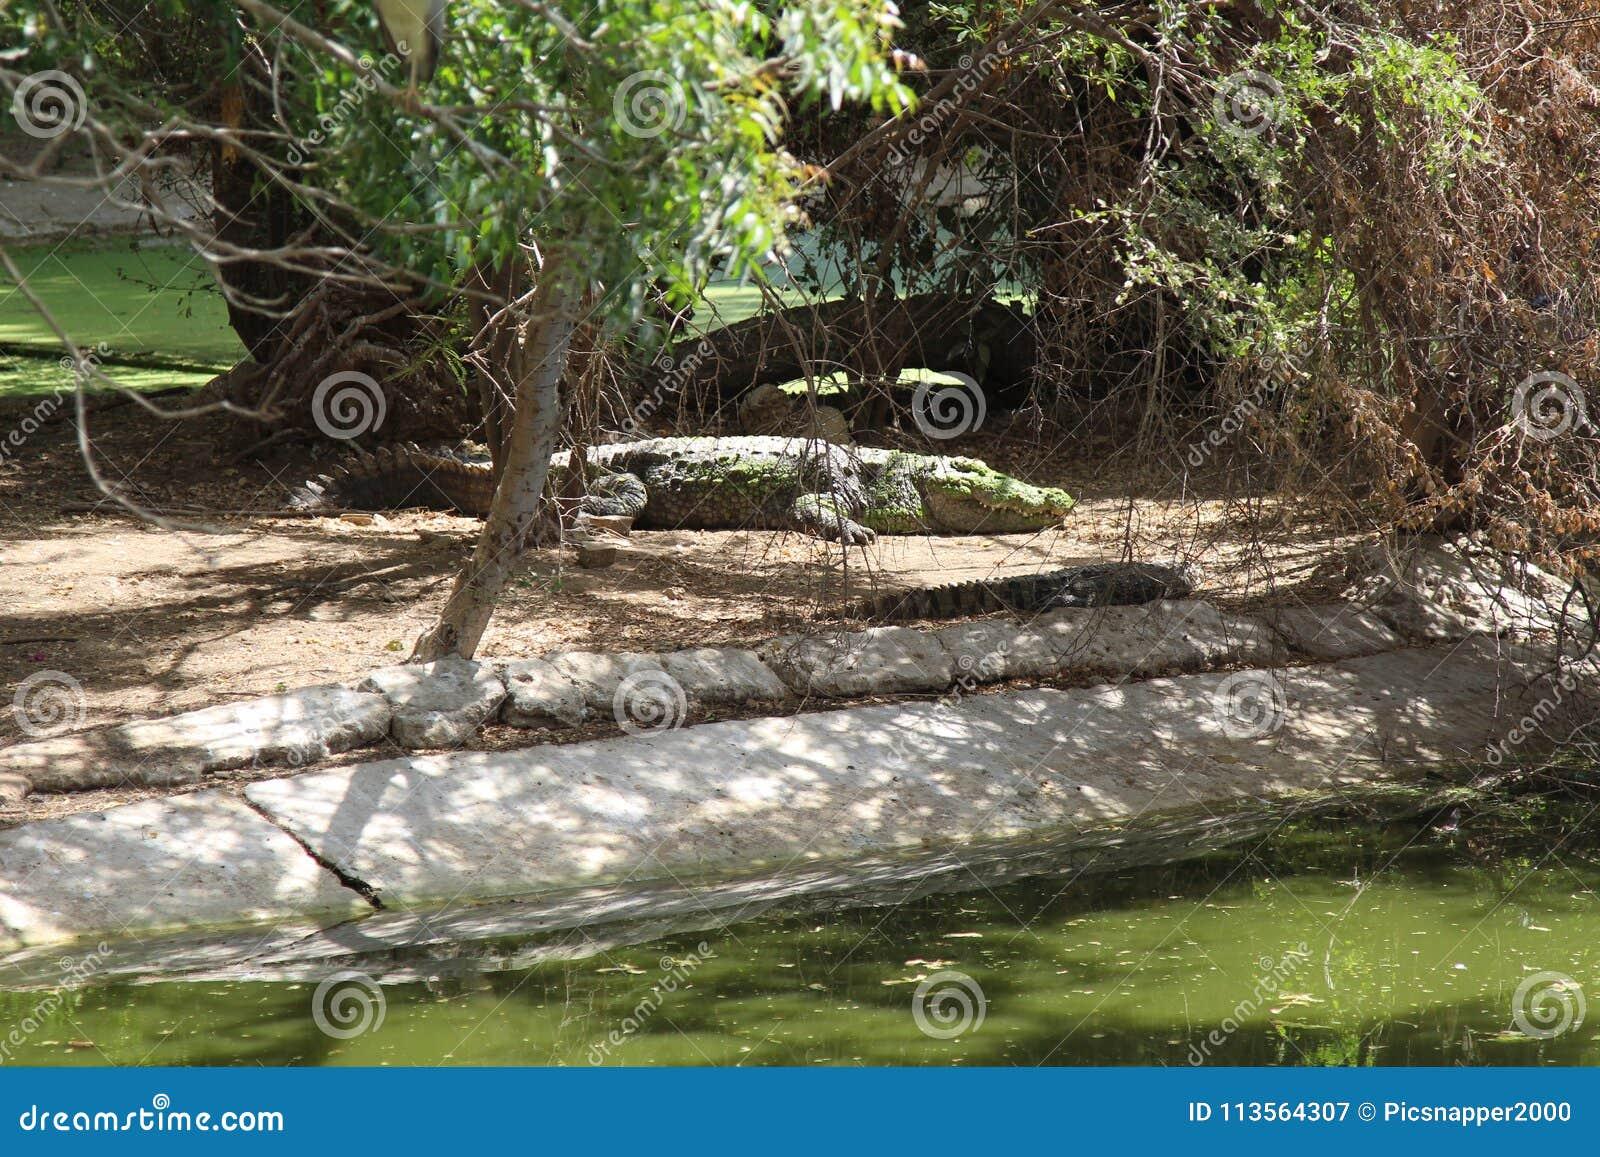 休息在水附近的沼泽鳄鱼